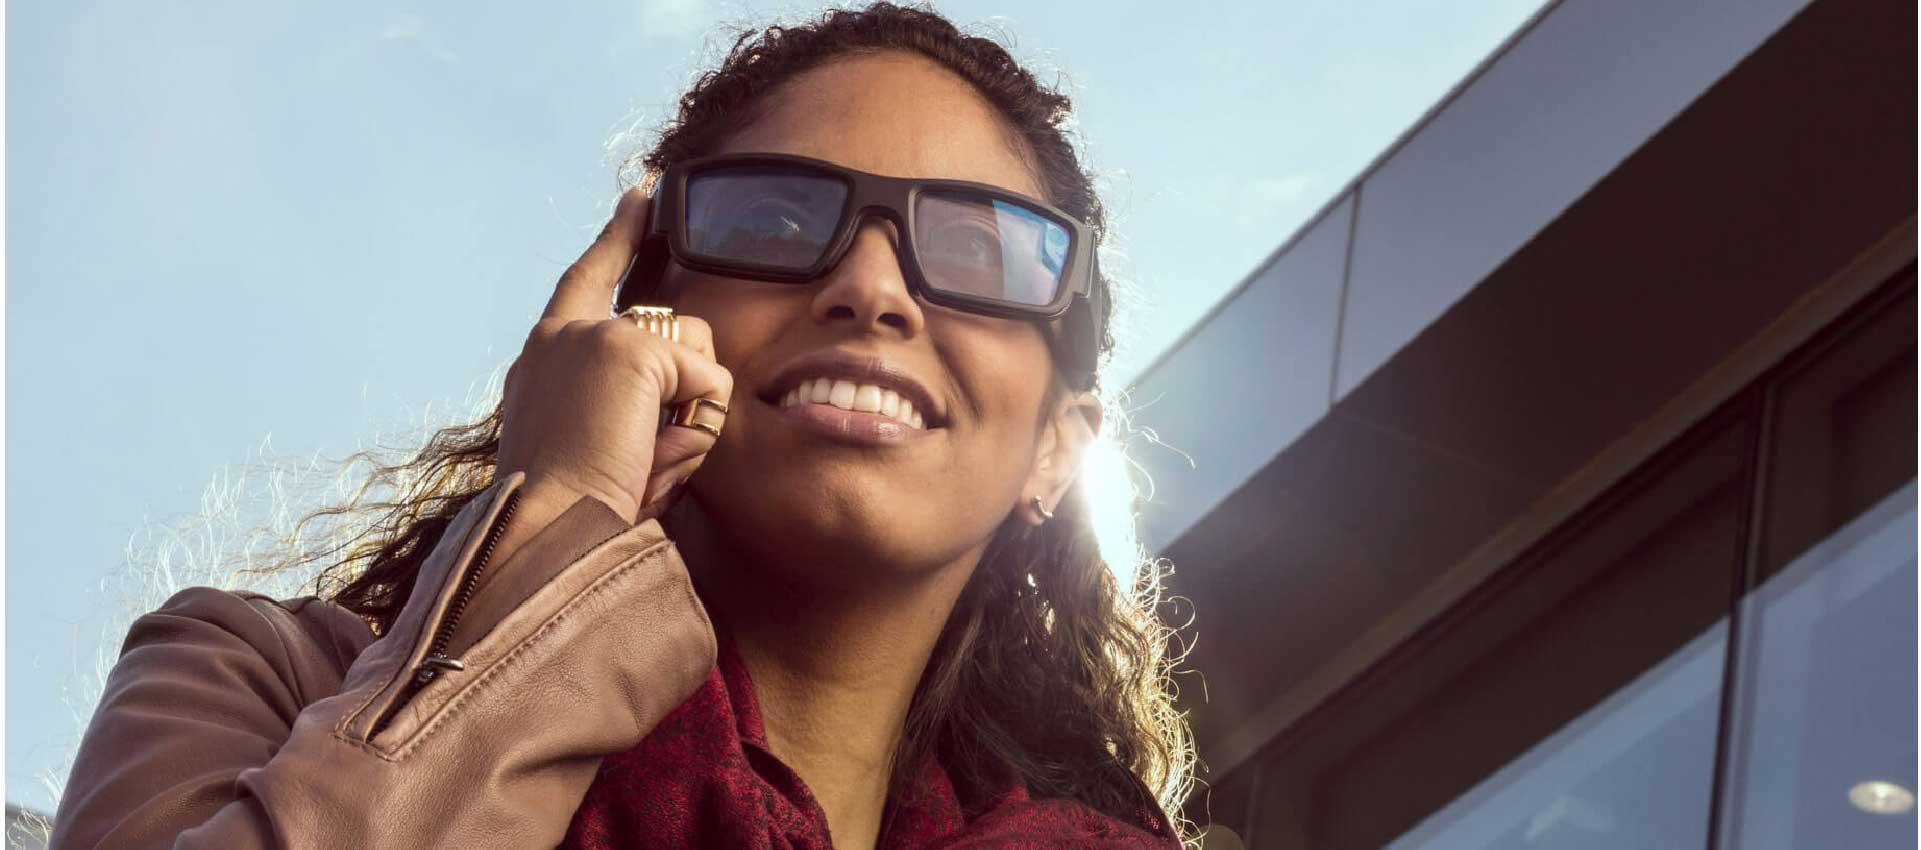 Vuzix Blade AR-bril